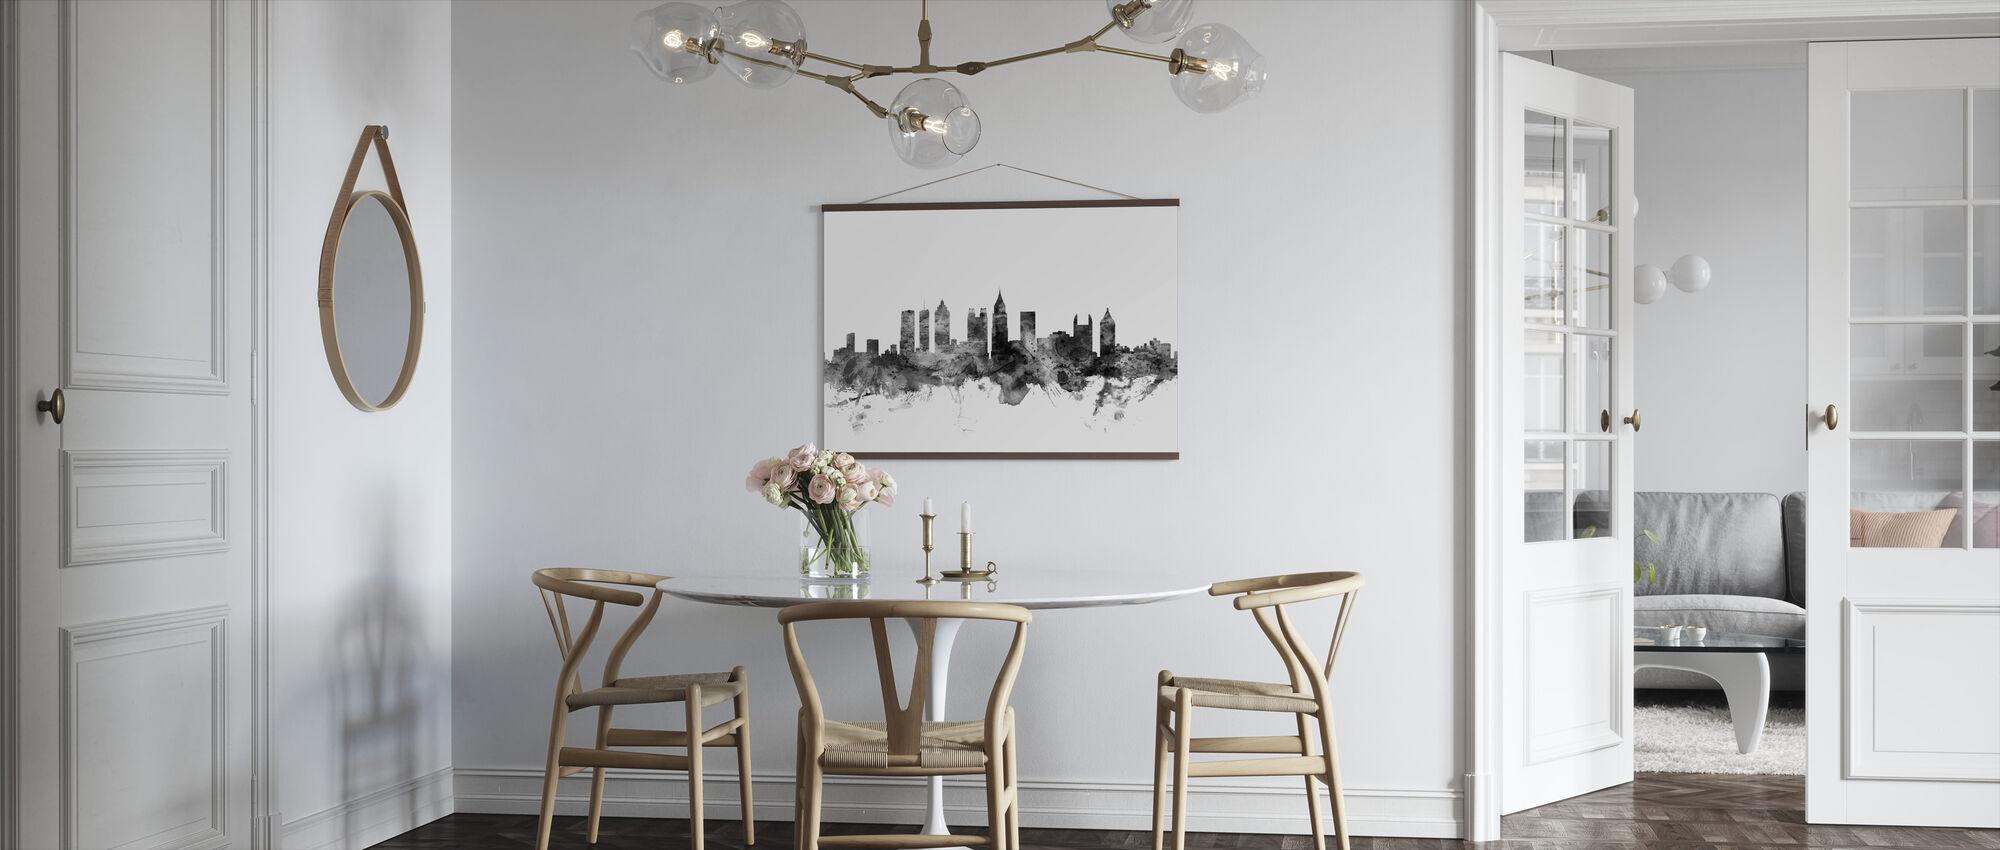 Atlanta Georgia Skyline sort - Plakat - Kjøkken